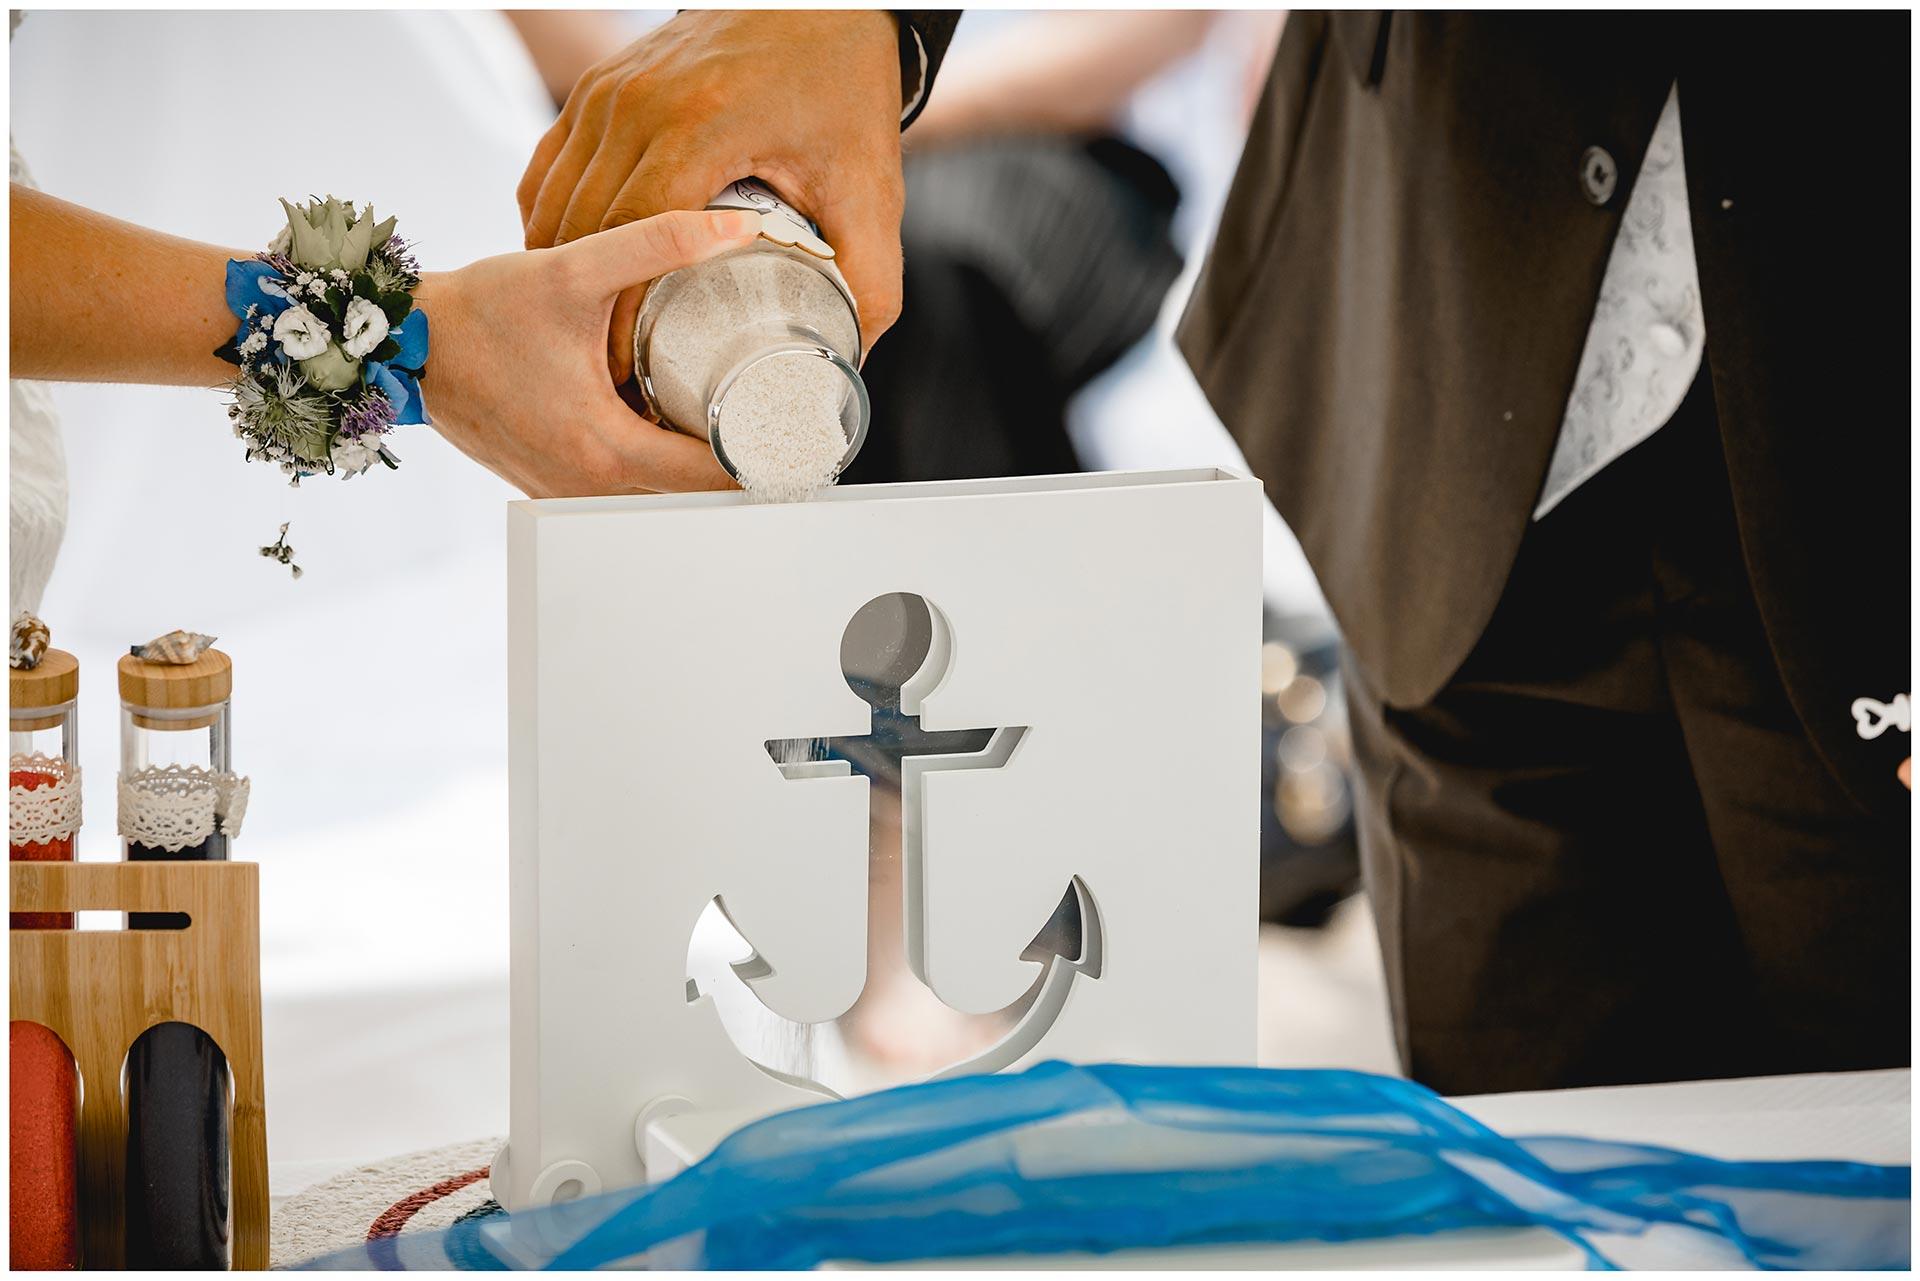 Brautpaar-schuettet-Sand-in-ein-Gefaess_Sandzeremonie-Hochzeit-am-Strand-Hochzeitsfotograf-Warnemuende-Hochzeitsfotograf-Rostock-Hochzeitsfotograf-Ostseebad-Warnemuende